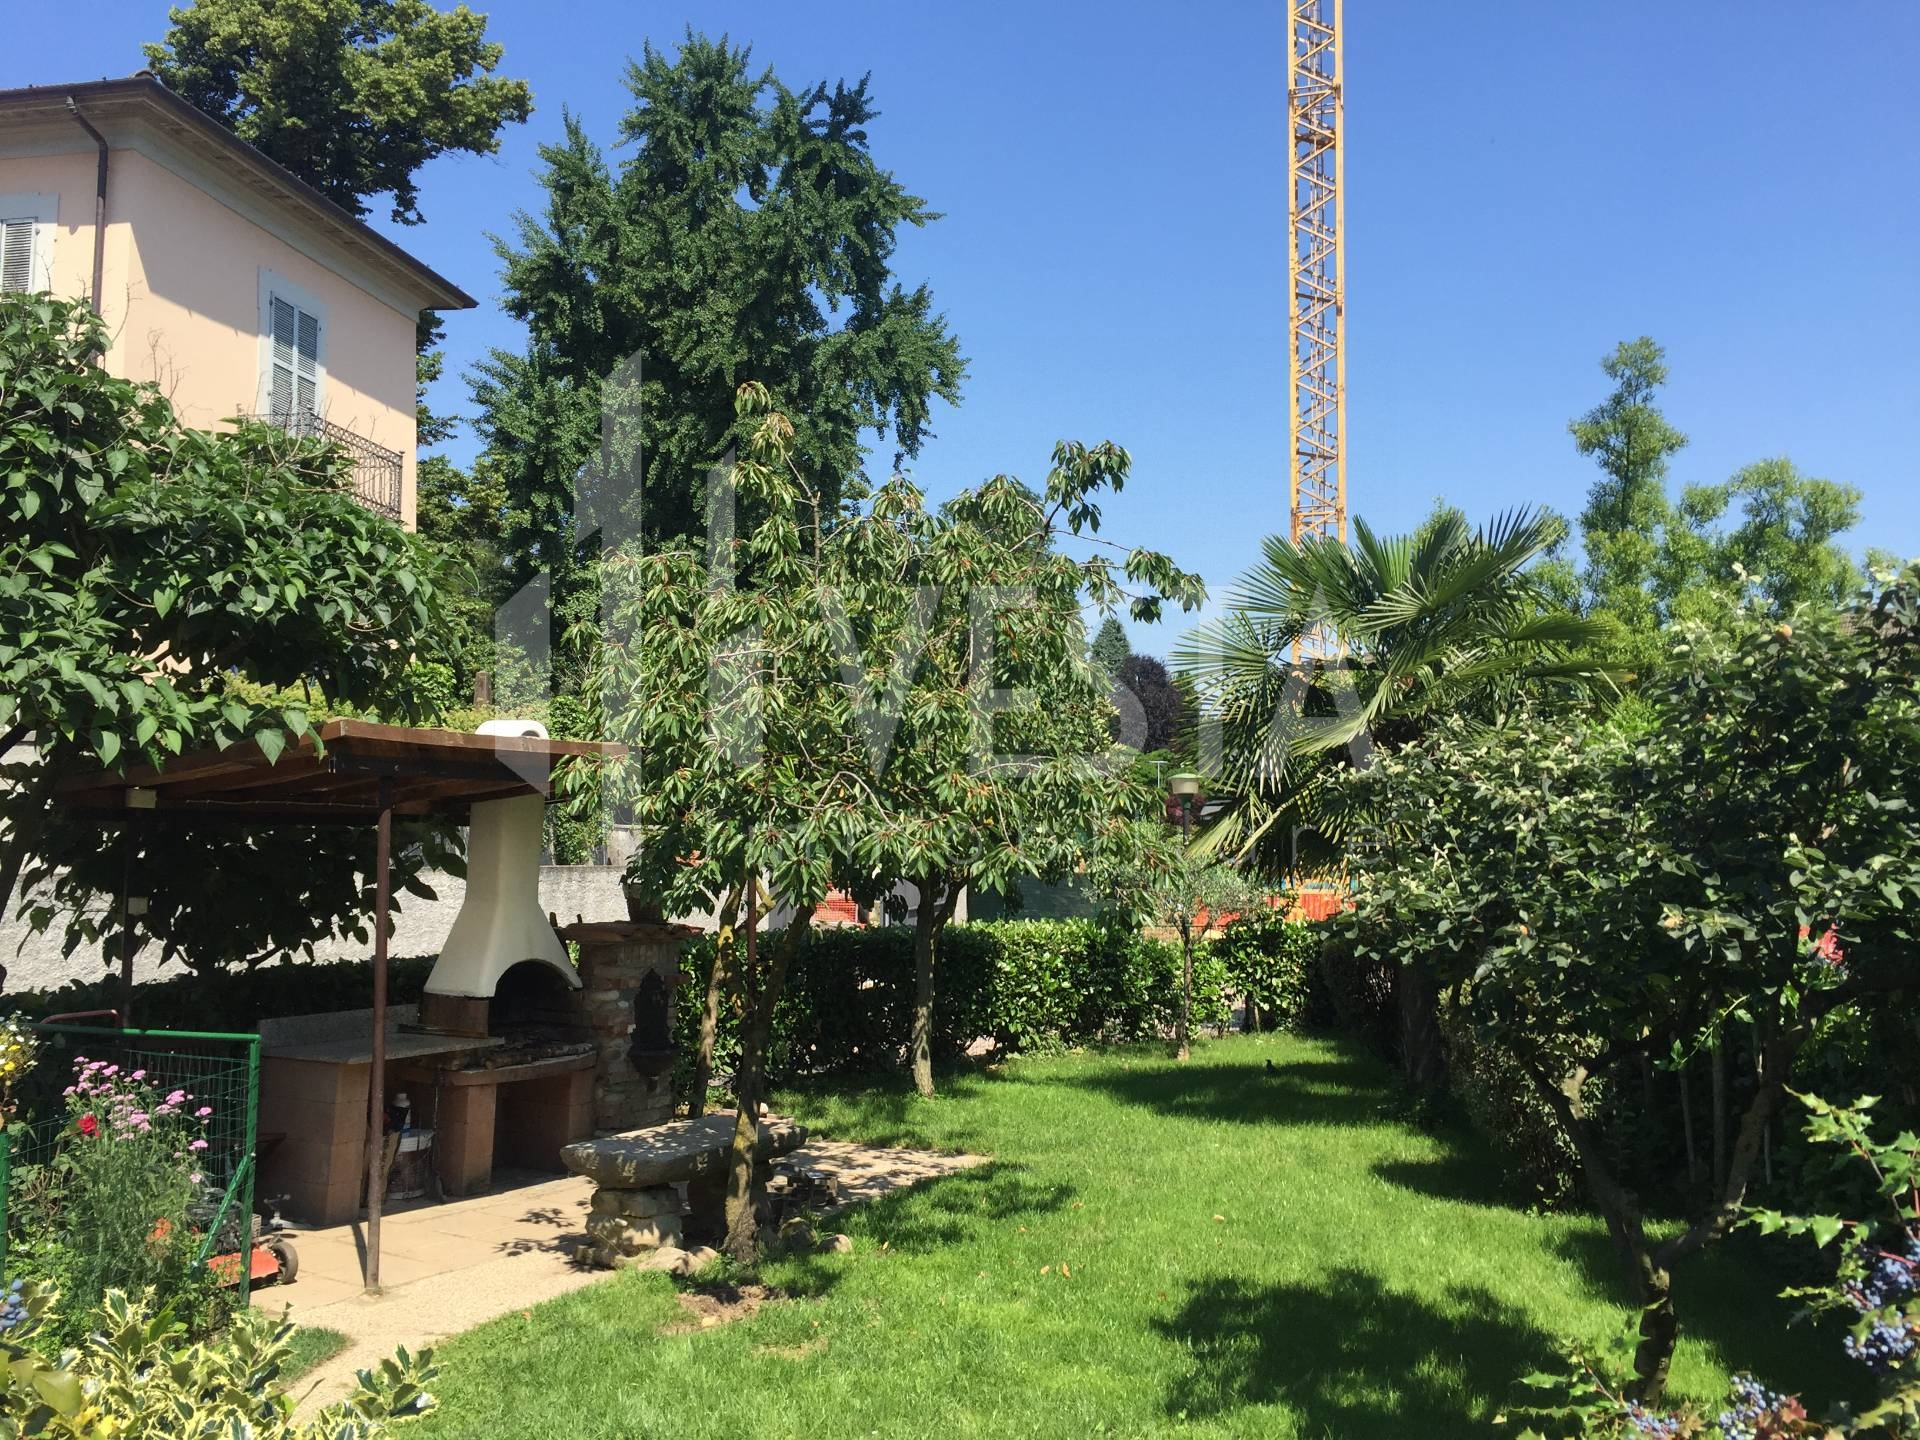 Villa in vendita a Usmate Velate, 5 locali, zona Località: CENTRO, prezzo € 340.000 | CambioCasa.it